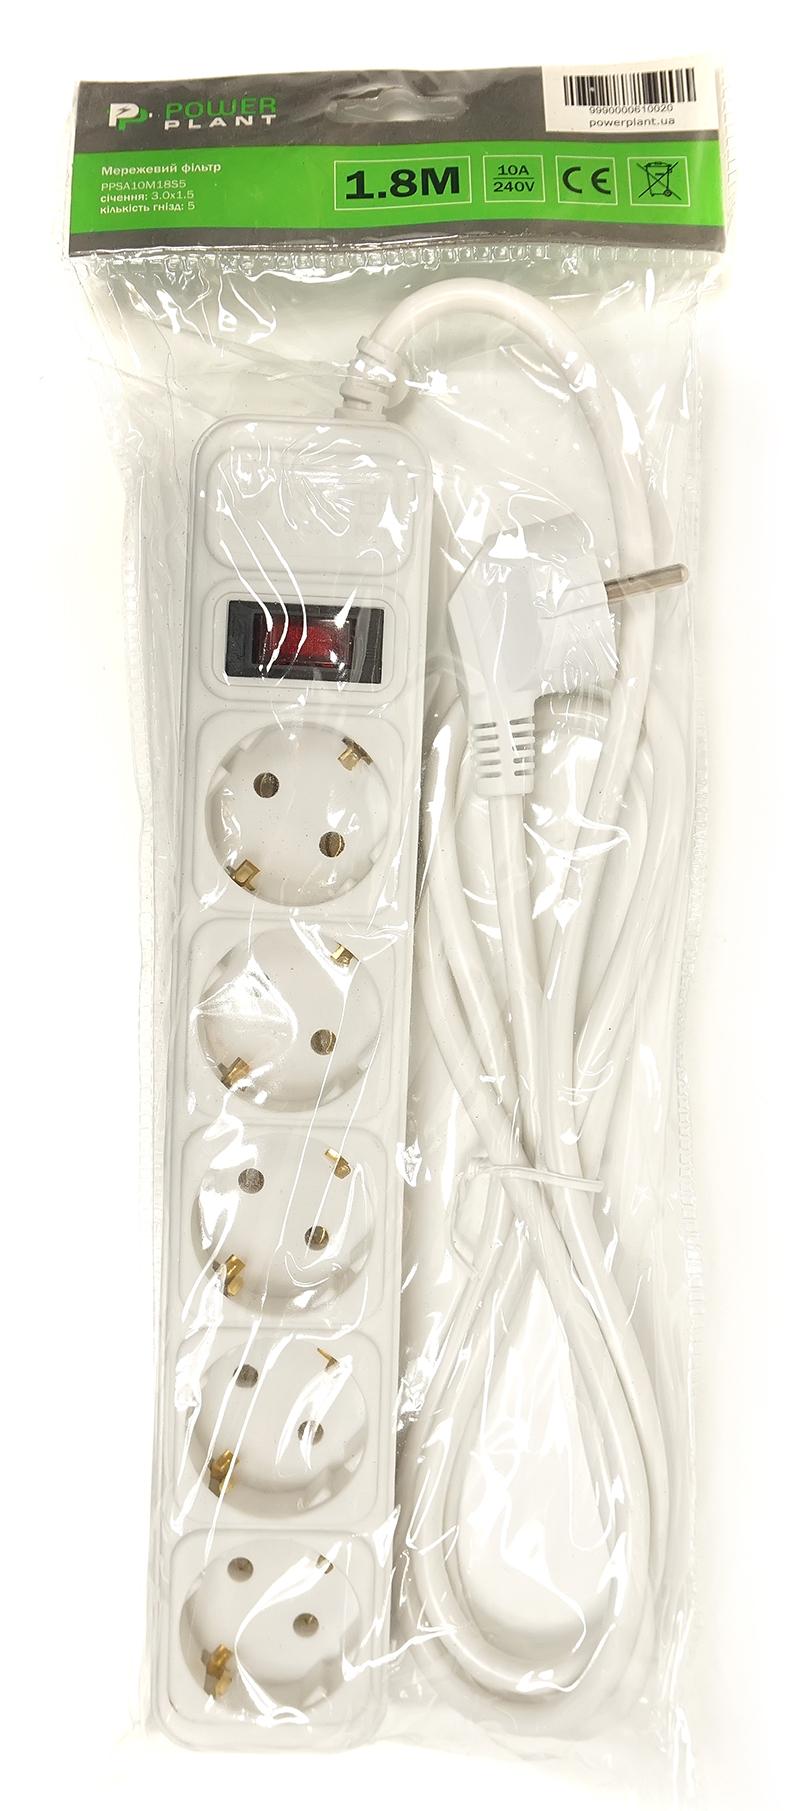 876178bca1f3 Сетевой кабель и вилка евростандарта. Выключатель  Есть Цвет  белый.  Упаковка  кулечек. Размеры  50x280x40 мм. Вес  0.4 кг. Производитель   PowerPlant